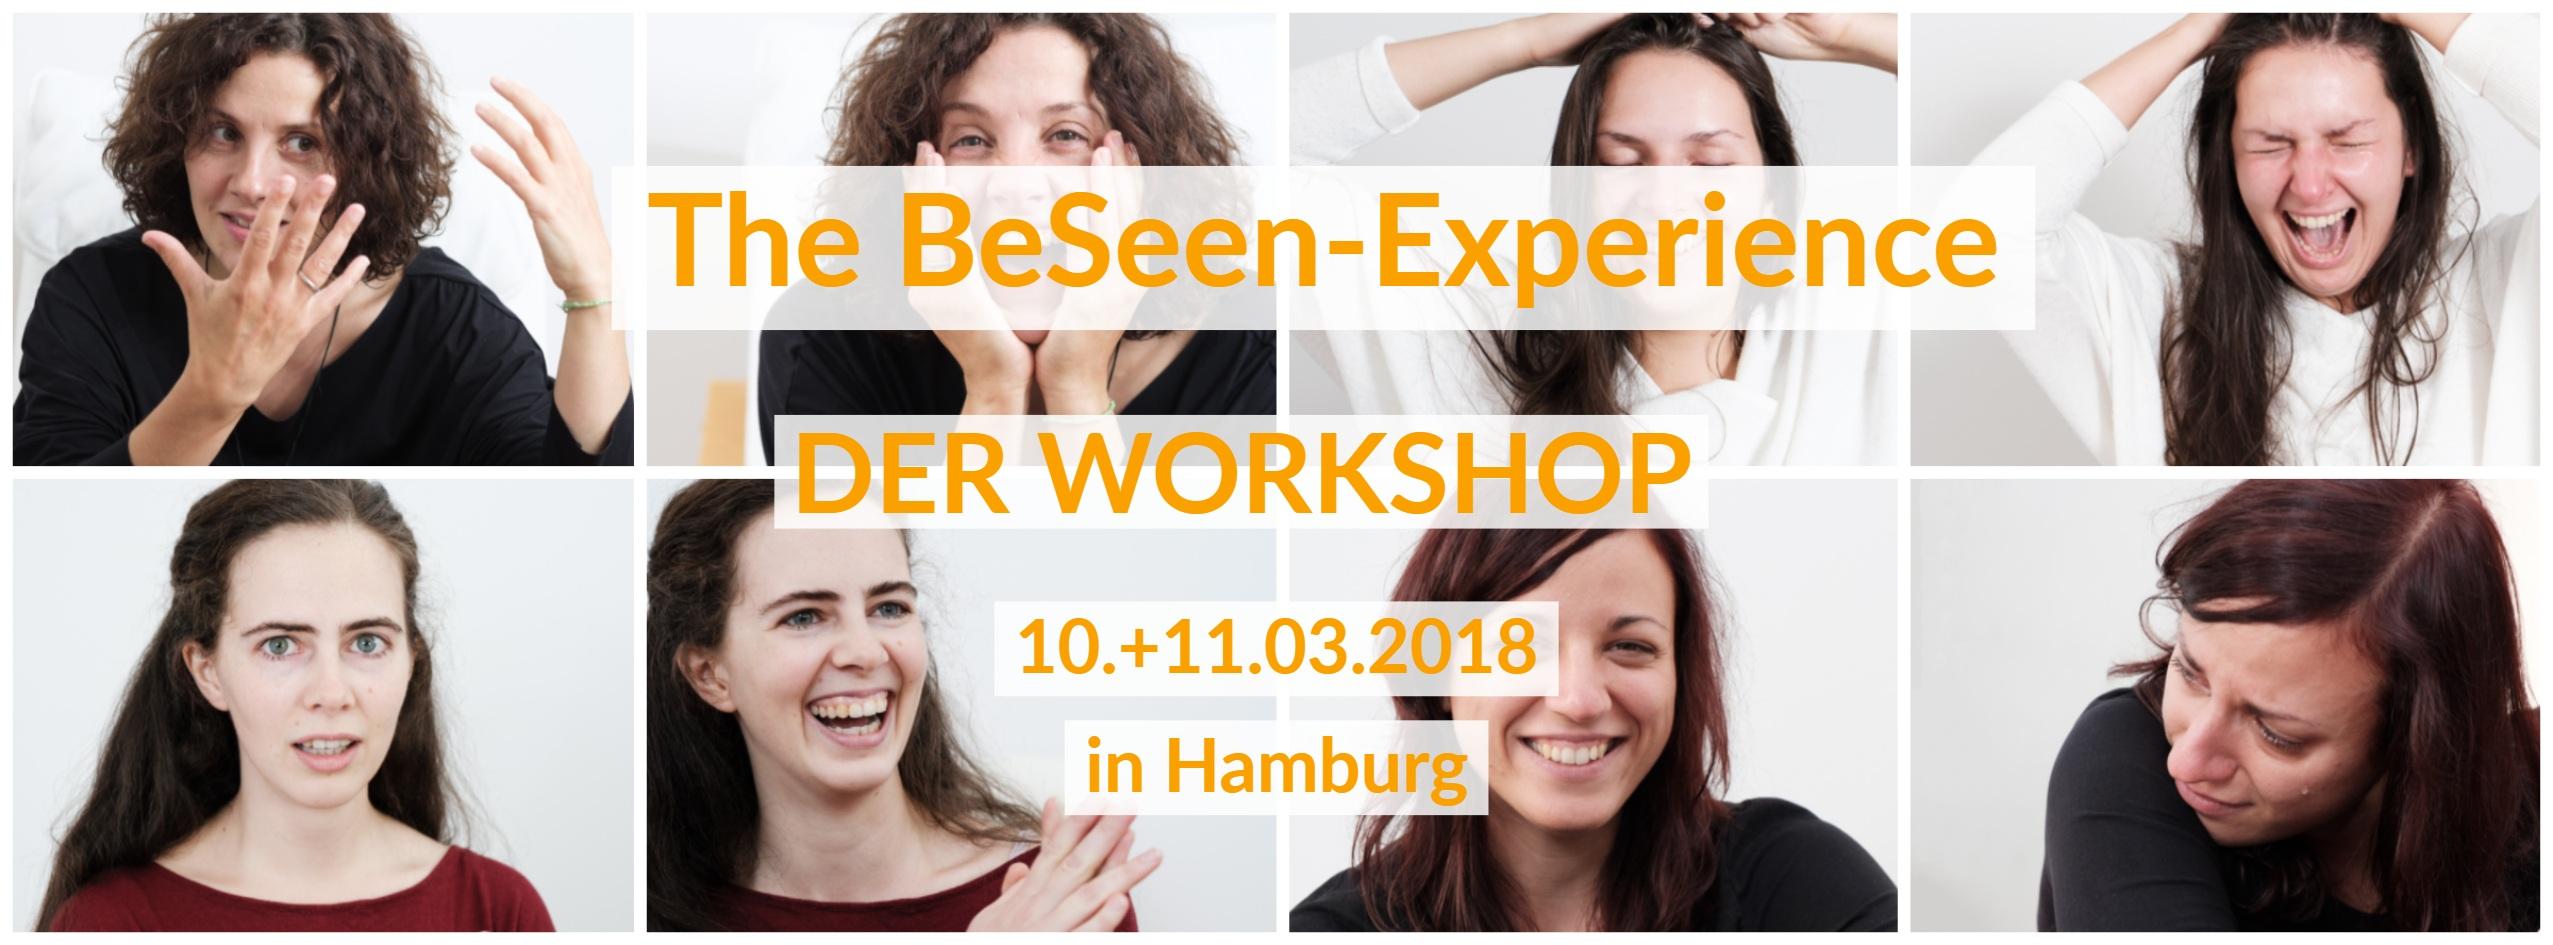 selbsterfahrung im workshop in hamburg